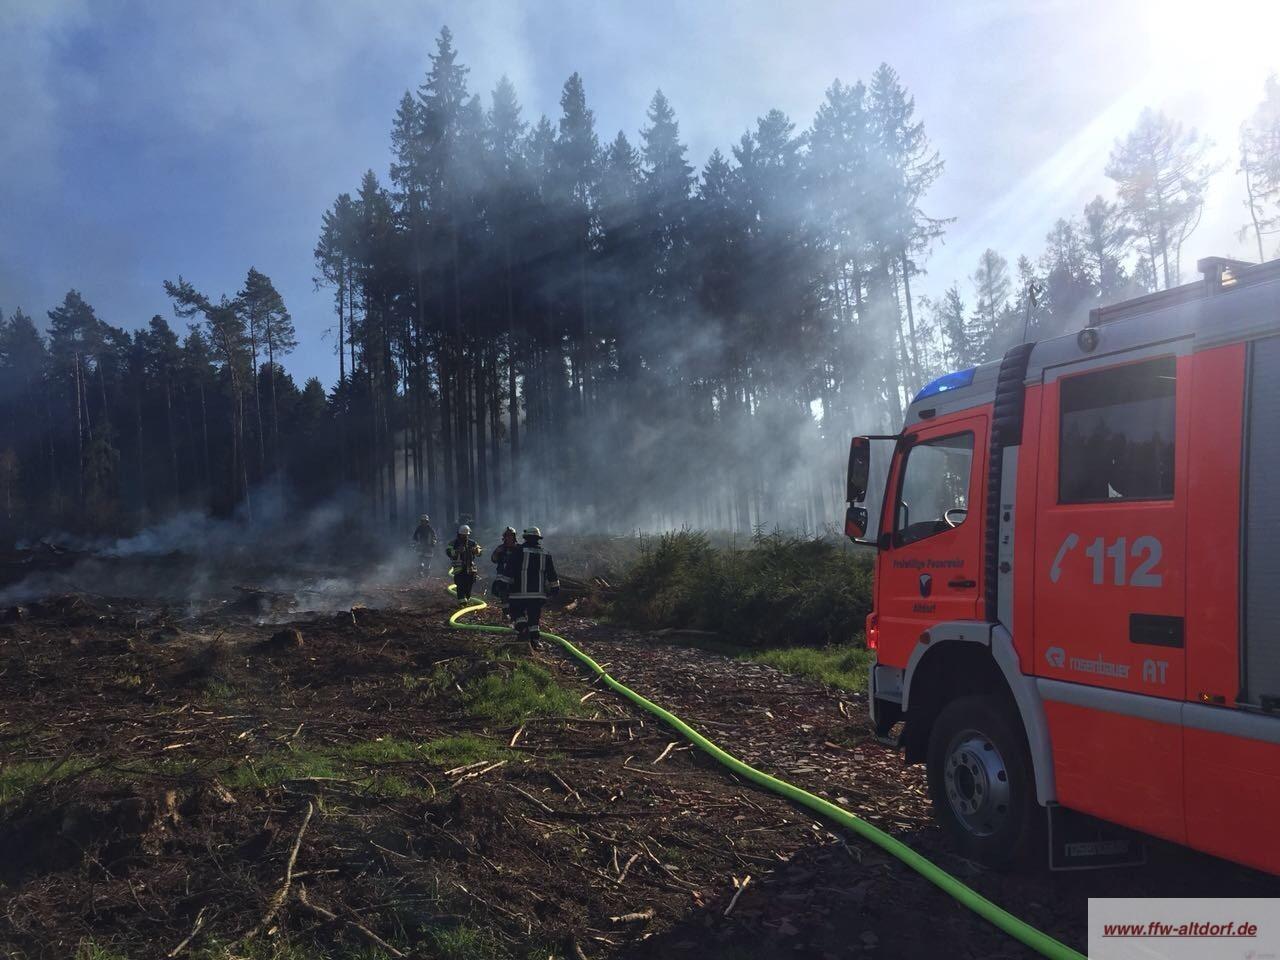 Wichtige Hinweise bei erhöhter Waldbrandgefahr